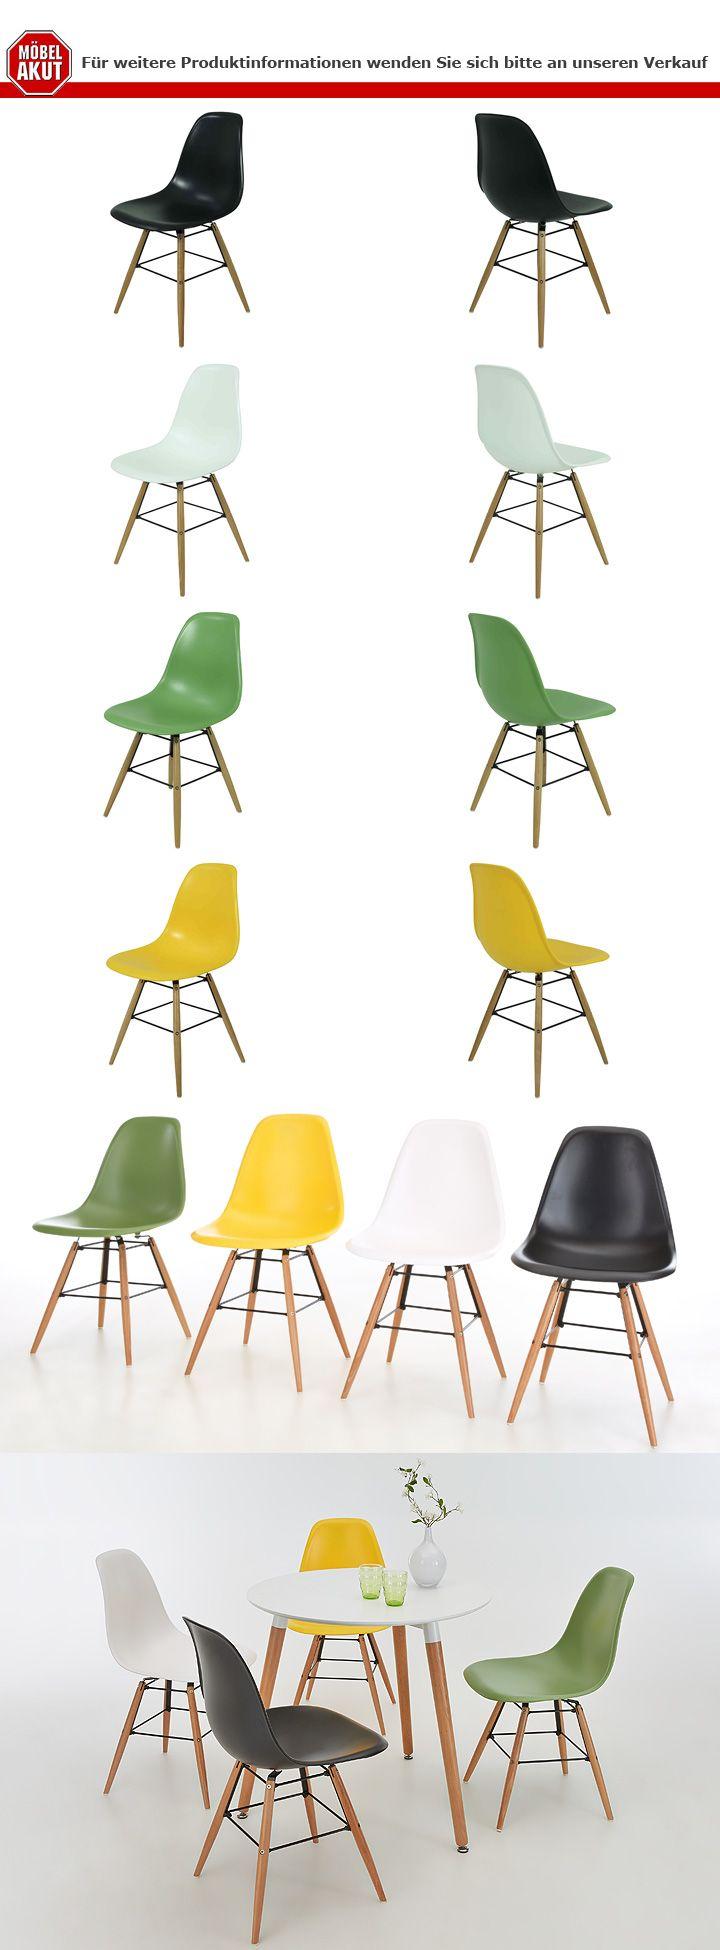 artikelnummer 50820400. Black Bedroom Furniture Sets. Home Design Ideas